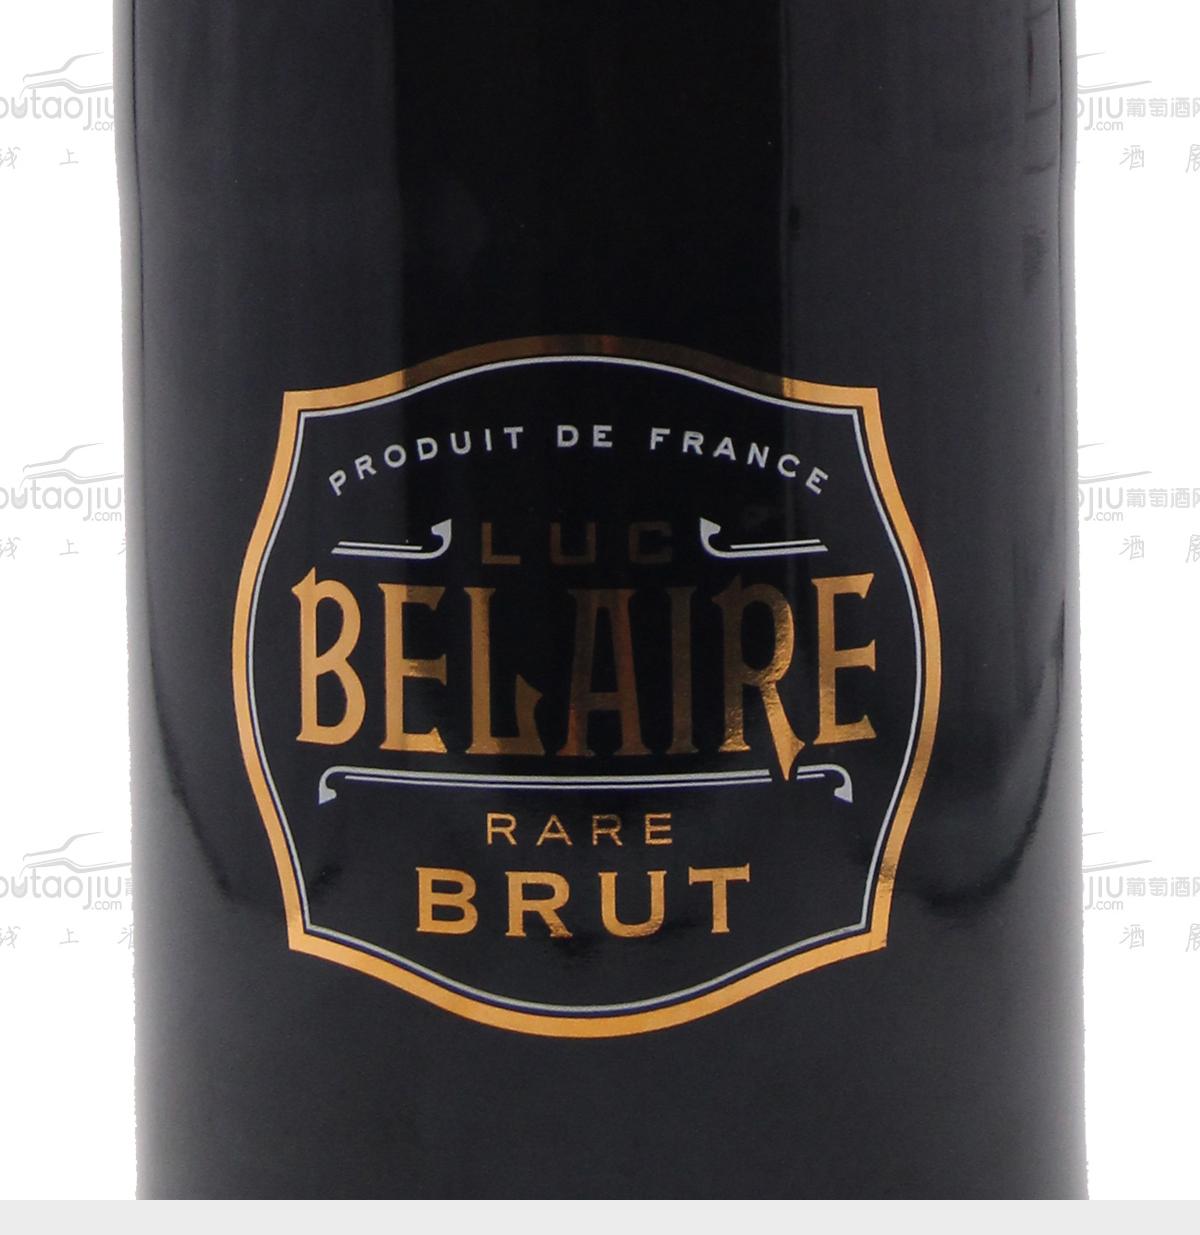 吕克·贝蕾尔天然起泡葡萄酒